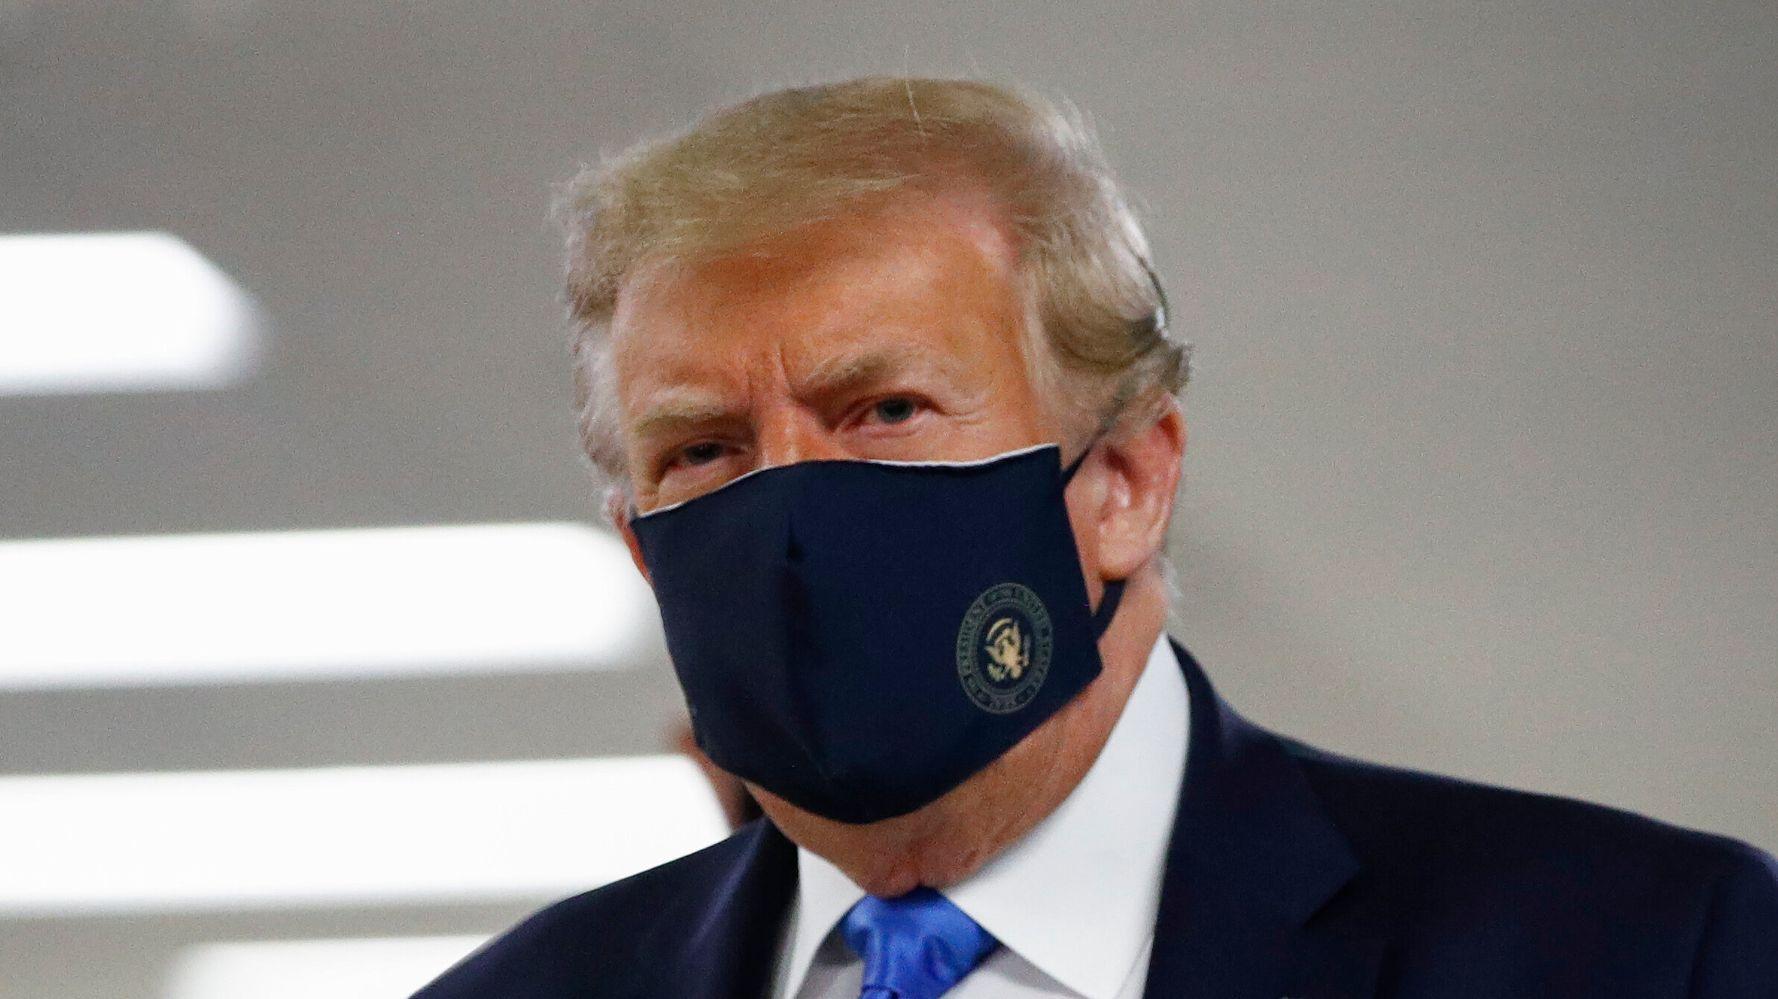 Trump Finally Wears A Mask In Public